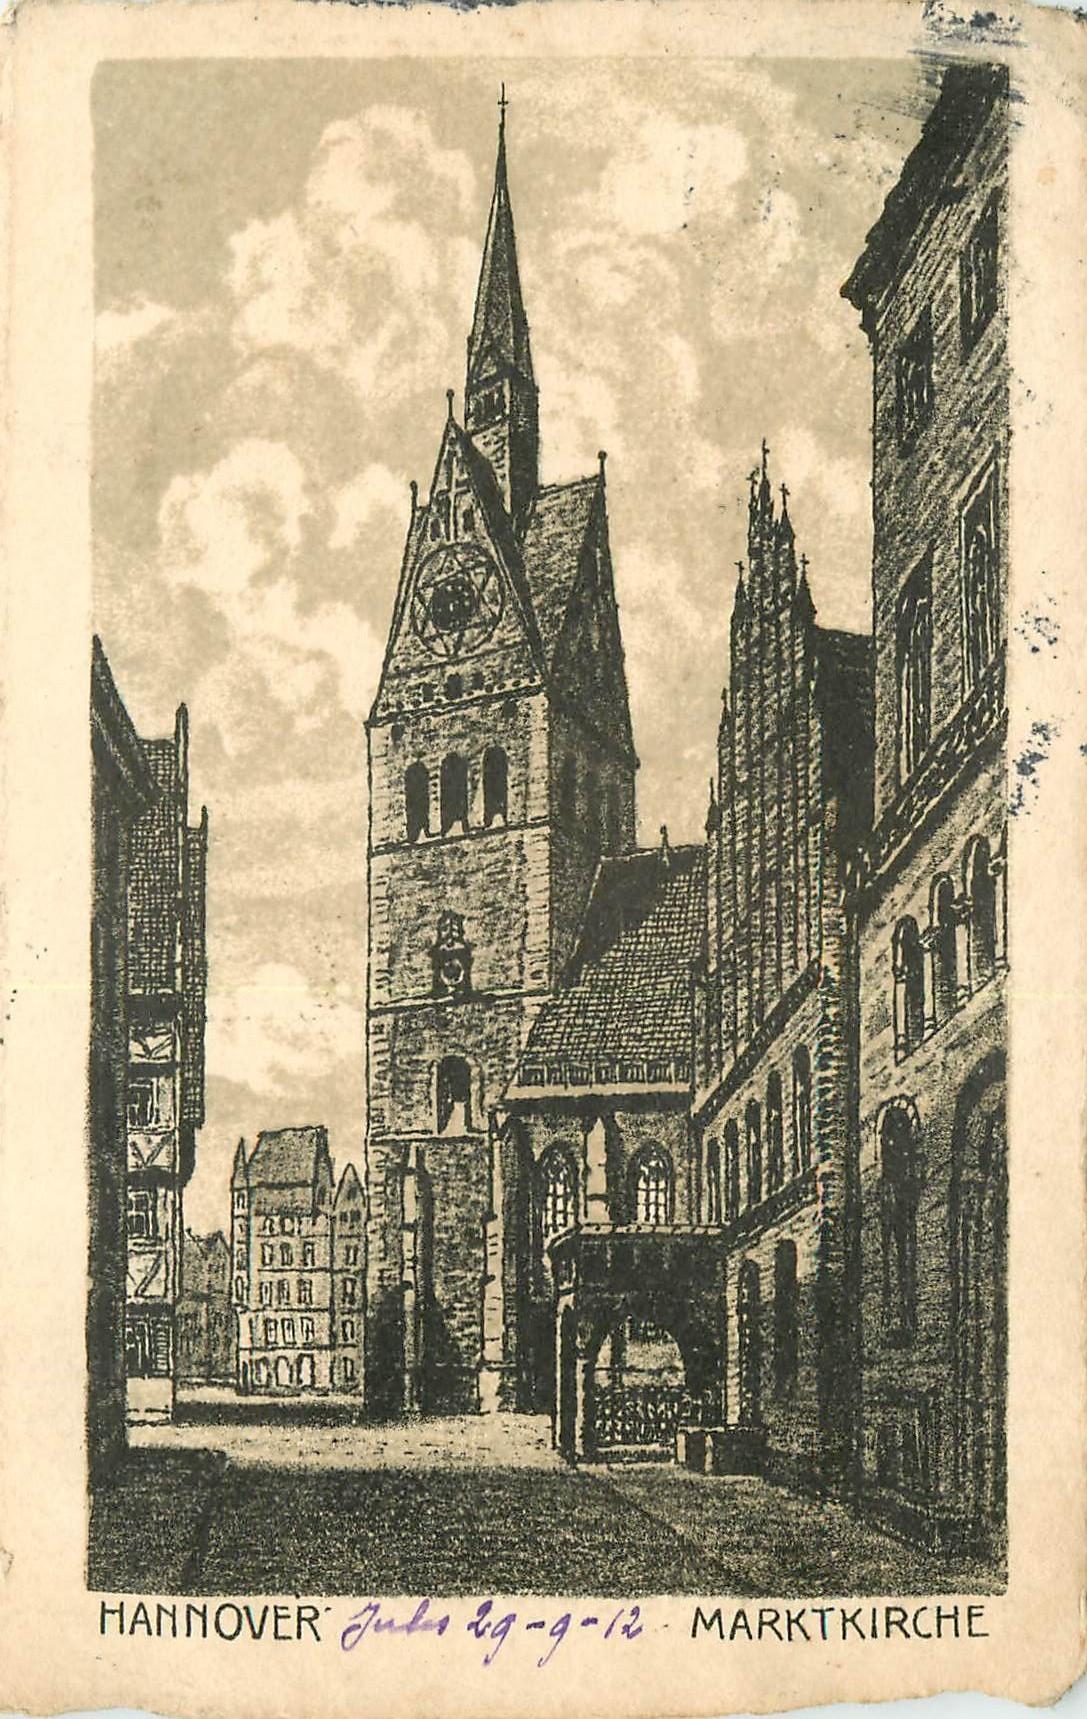 WW HANNOVER. Marktkirche 1912 en Allemagne